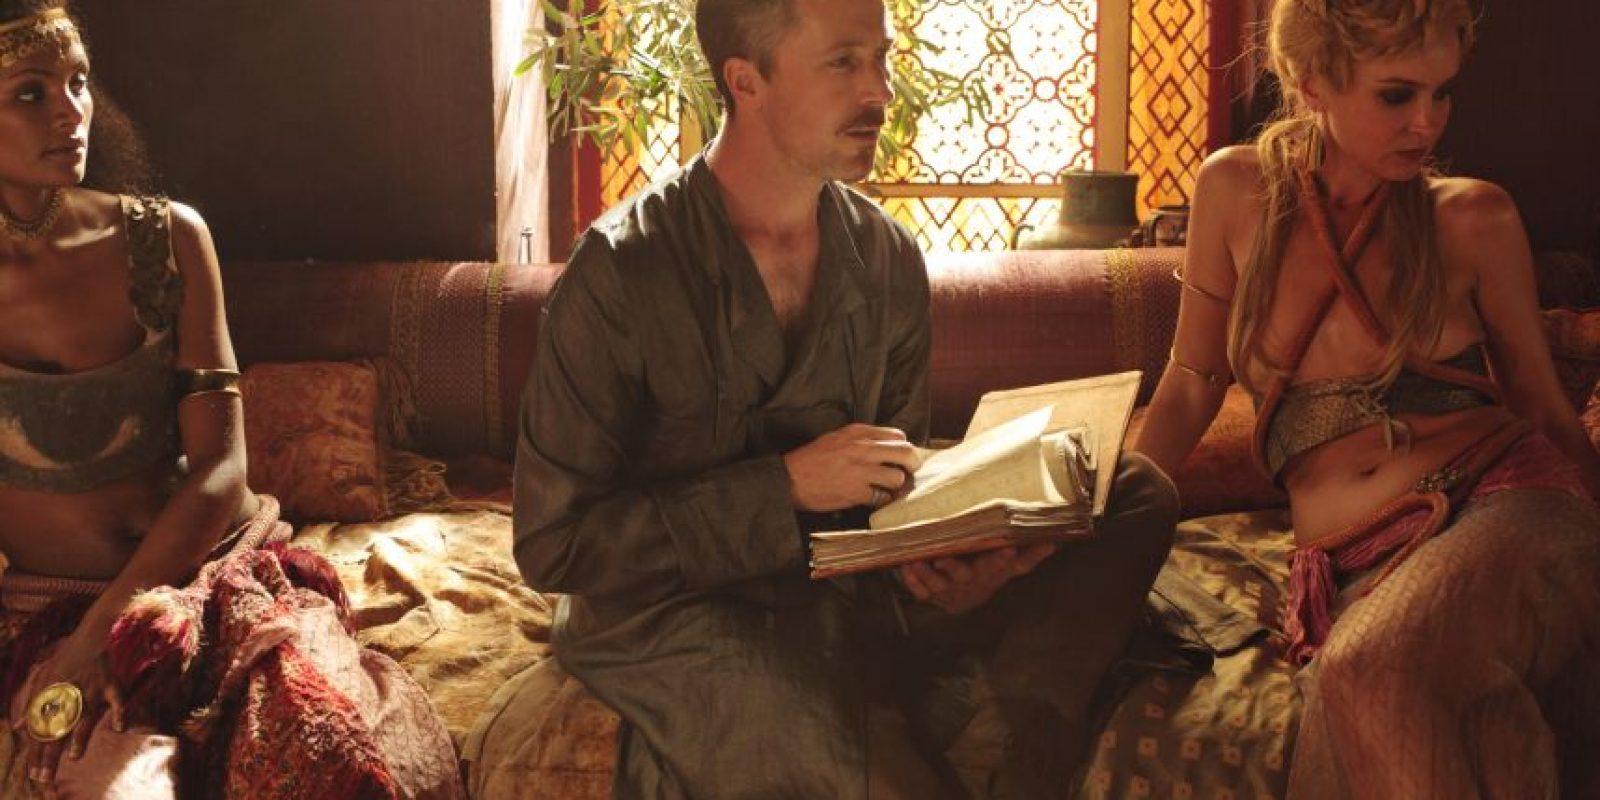 Aidan Gillen es Petyr Baelysh, 'Meñique'. Es uno de los jugadores más astutos del Juego de Tronos, y es el ministro de Robert y Joffrey Baratheon. Posee un burdel en Desembarco del Rey. Foto:HBO Latinoamérica